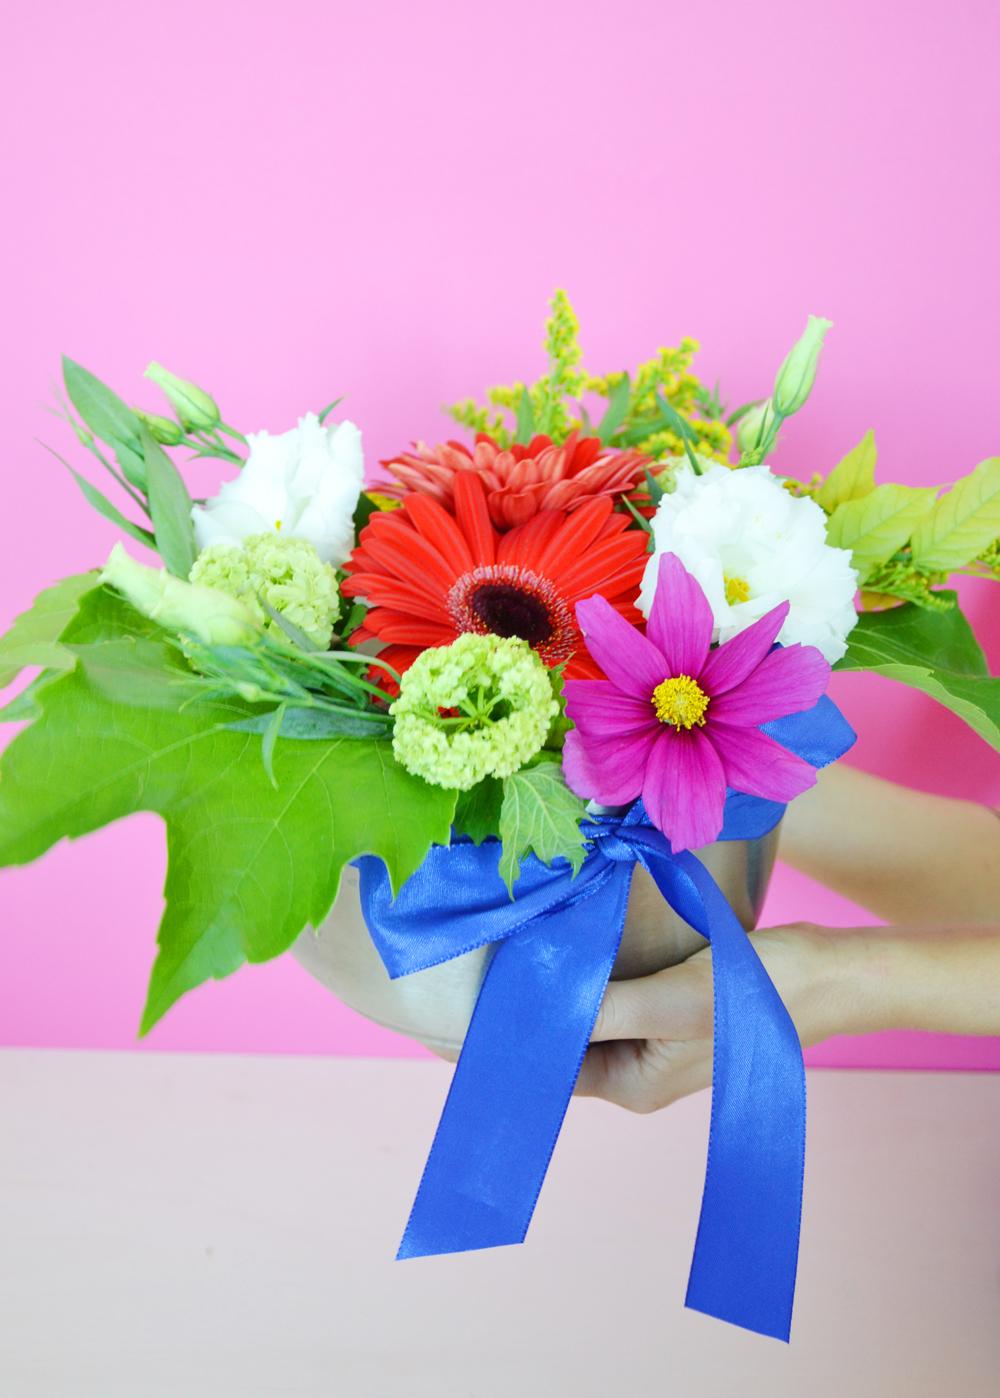 centrotavola-fiori-gucki-fai-da-te-16